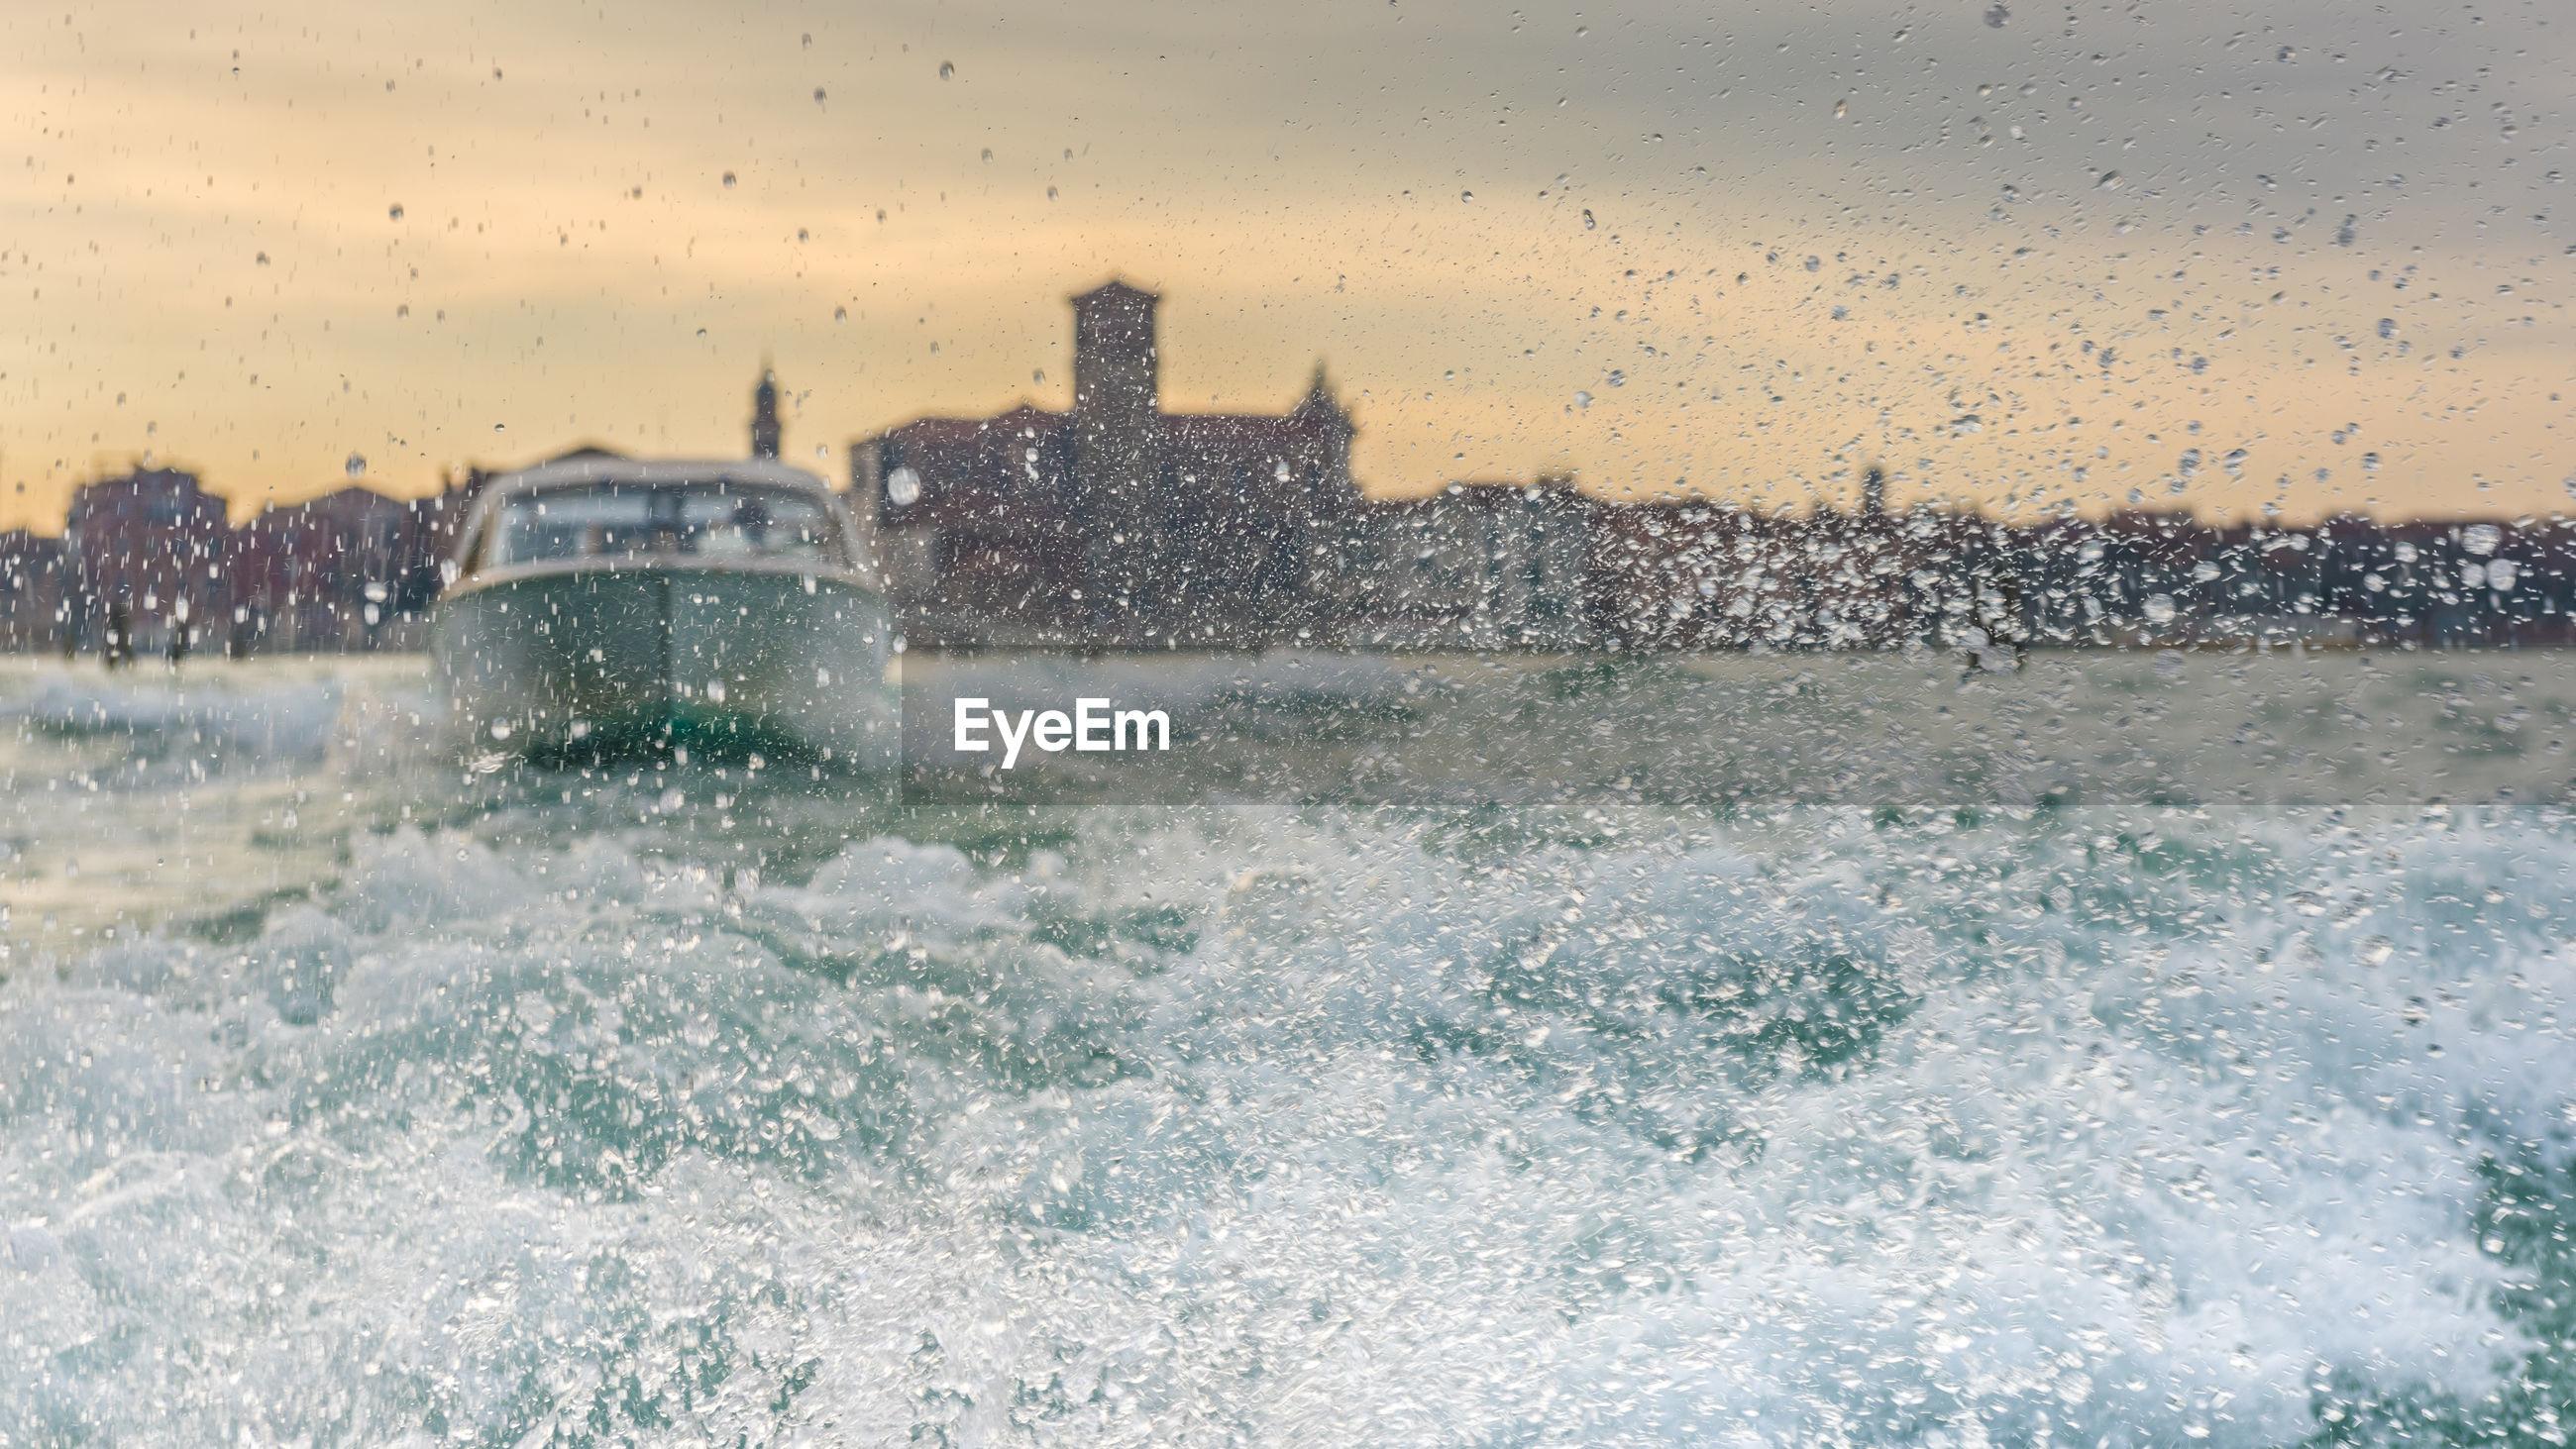 Wave splashing in sea during winter